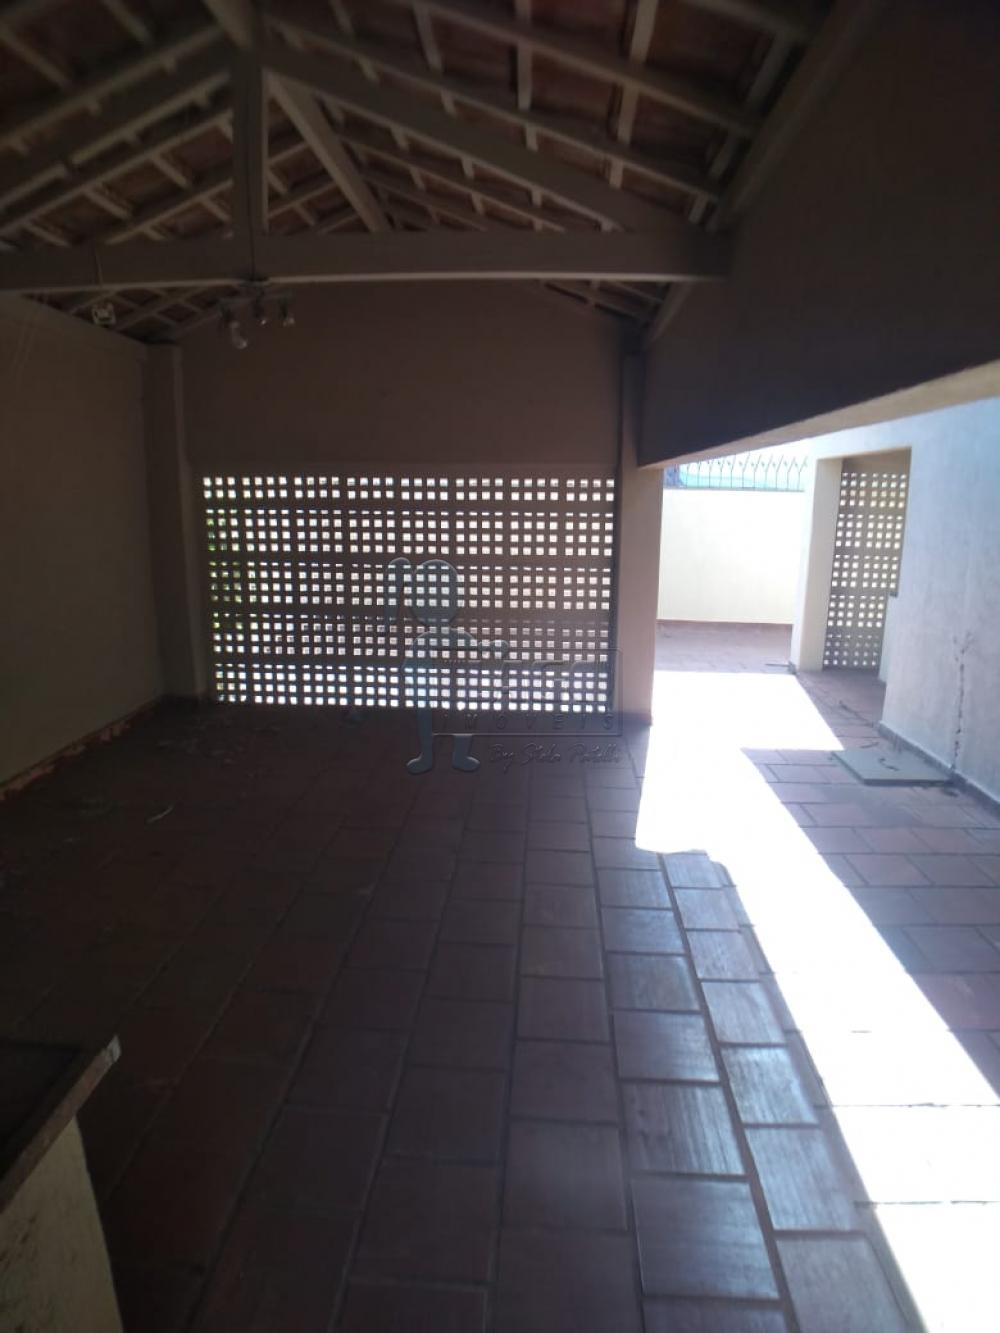 Alugar Comercial / Imóvel Comercial em Ribeirão Preto apenas R$ 3.000,00 - Foto 1